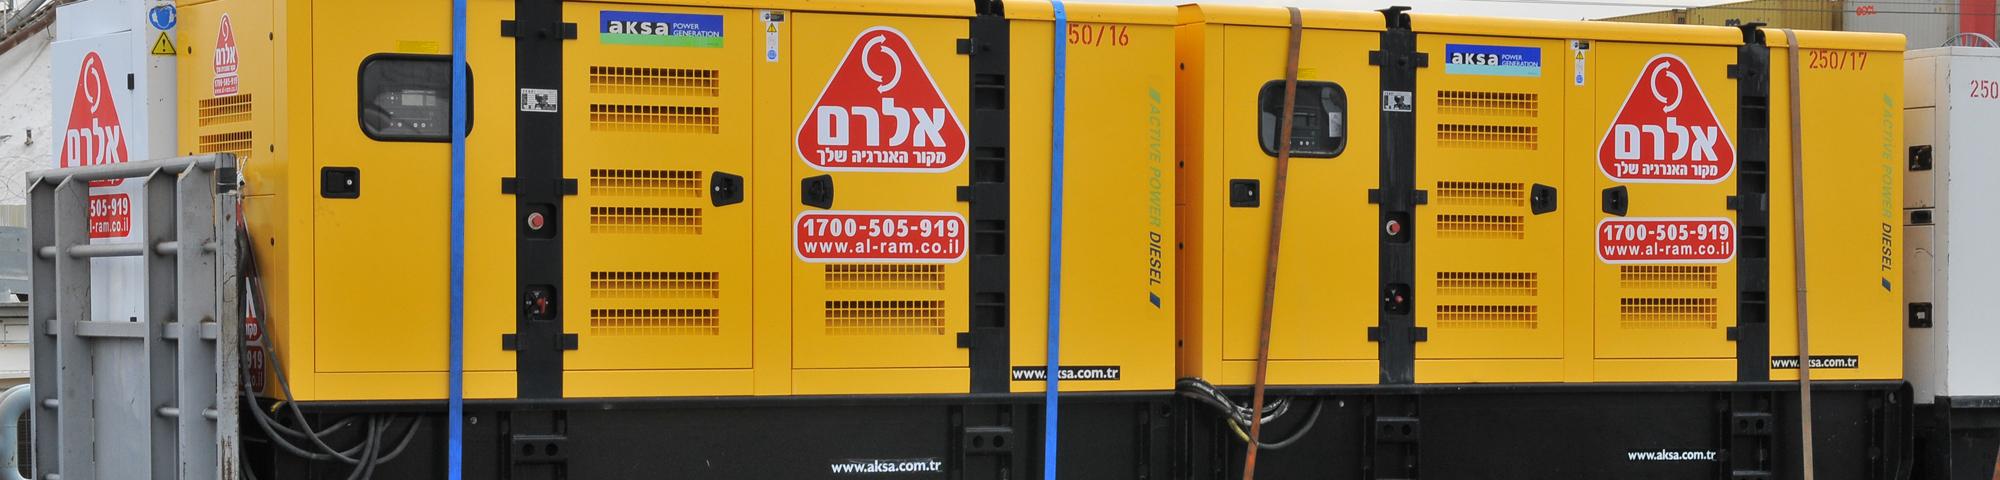 משאית מובילה 2 גנרטורים בעוצמת 2000KVA